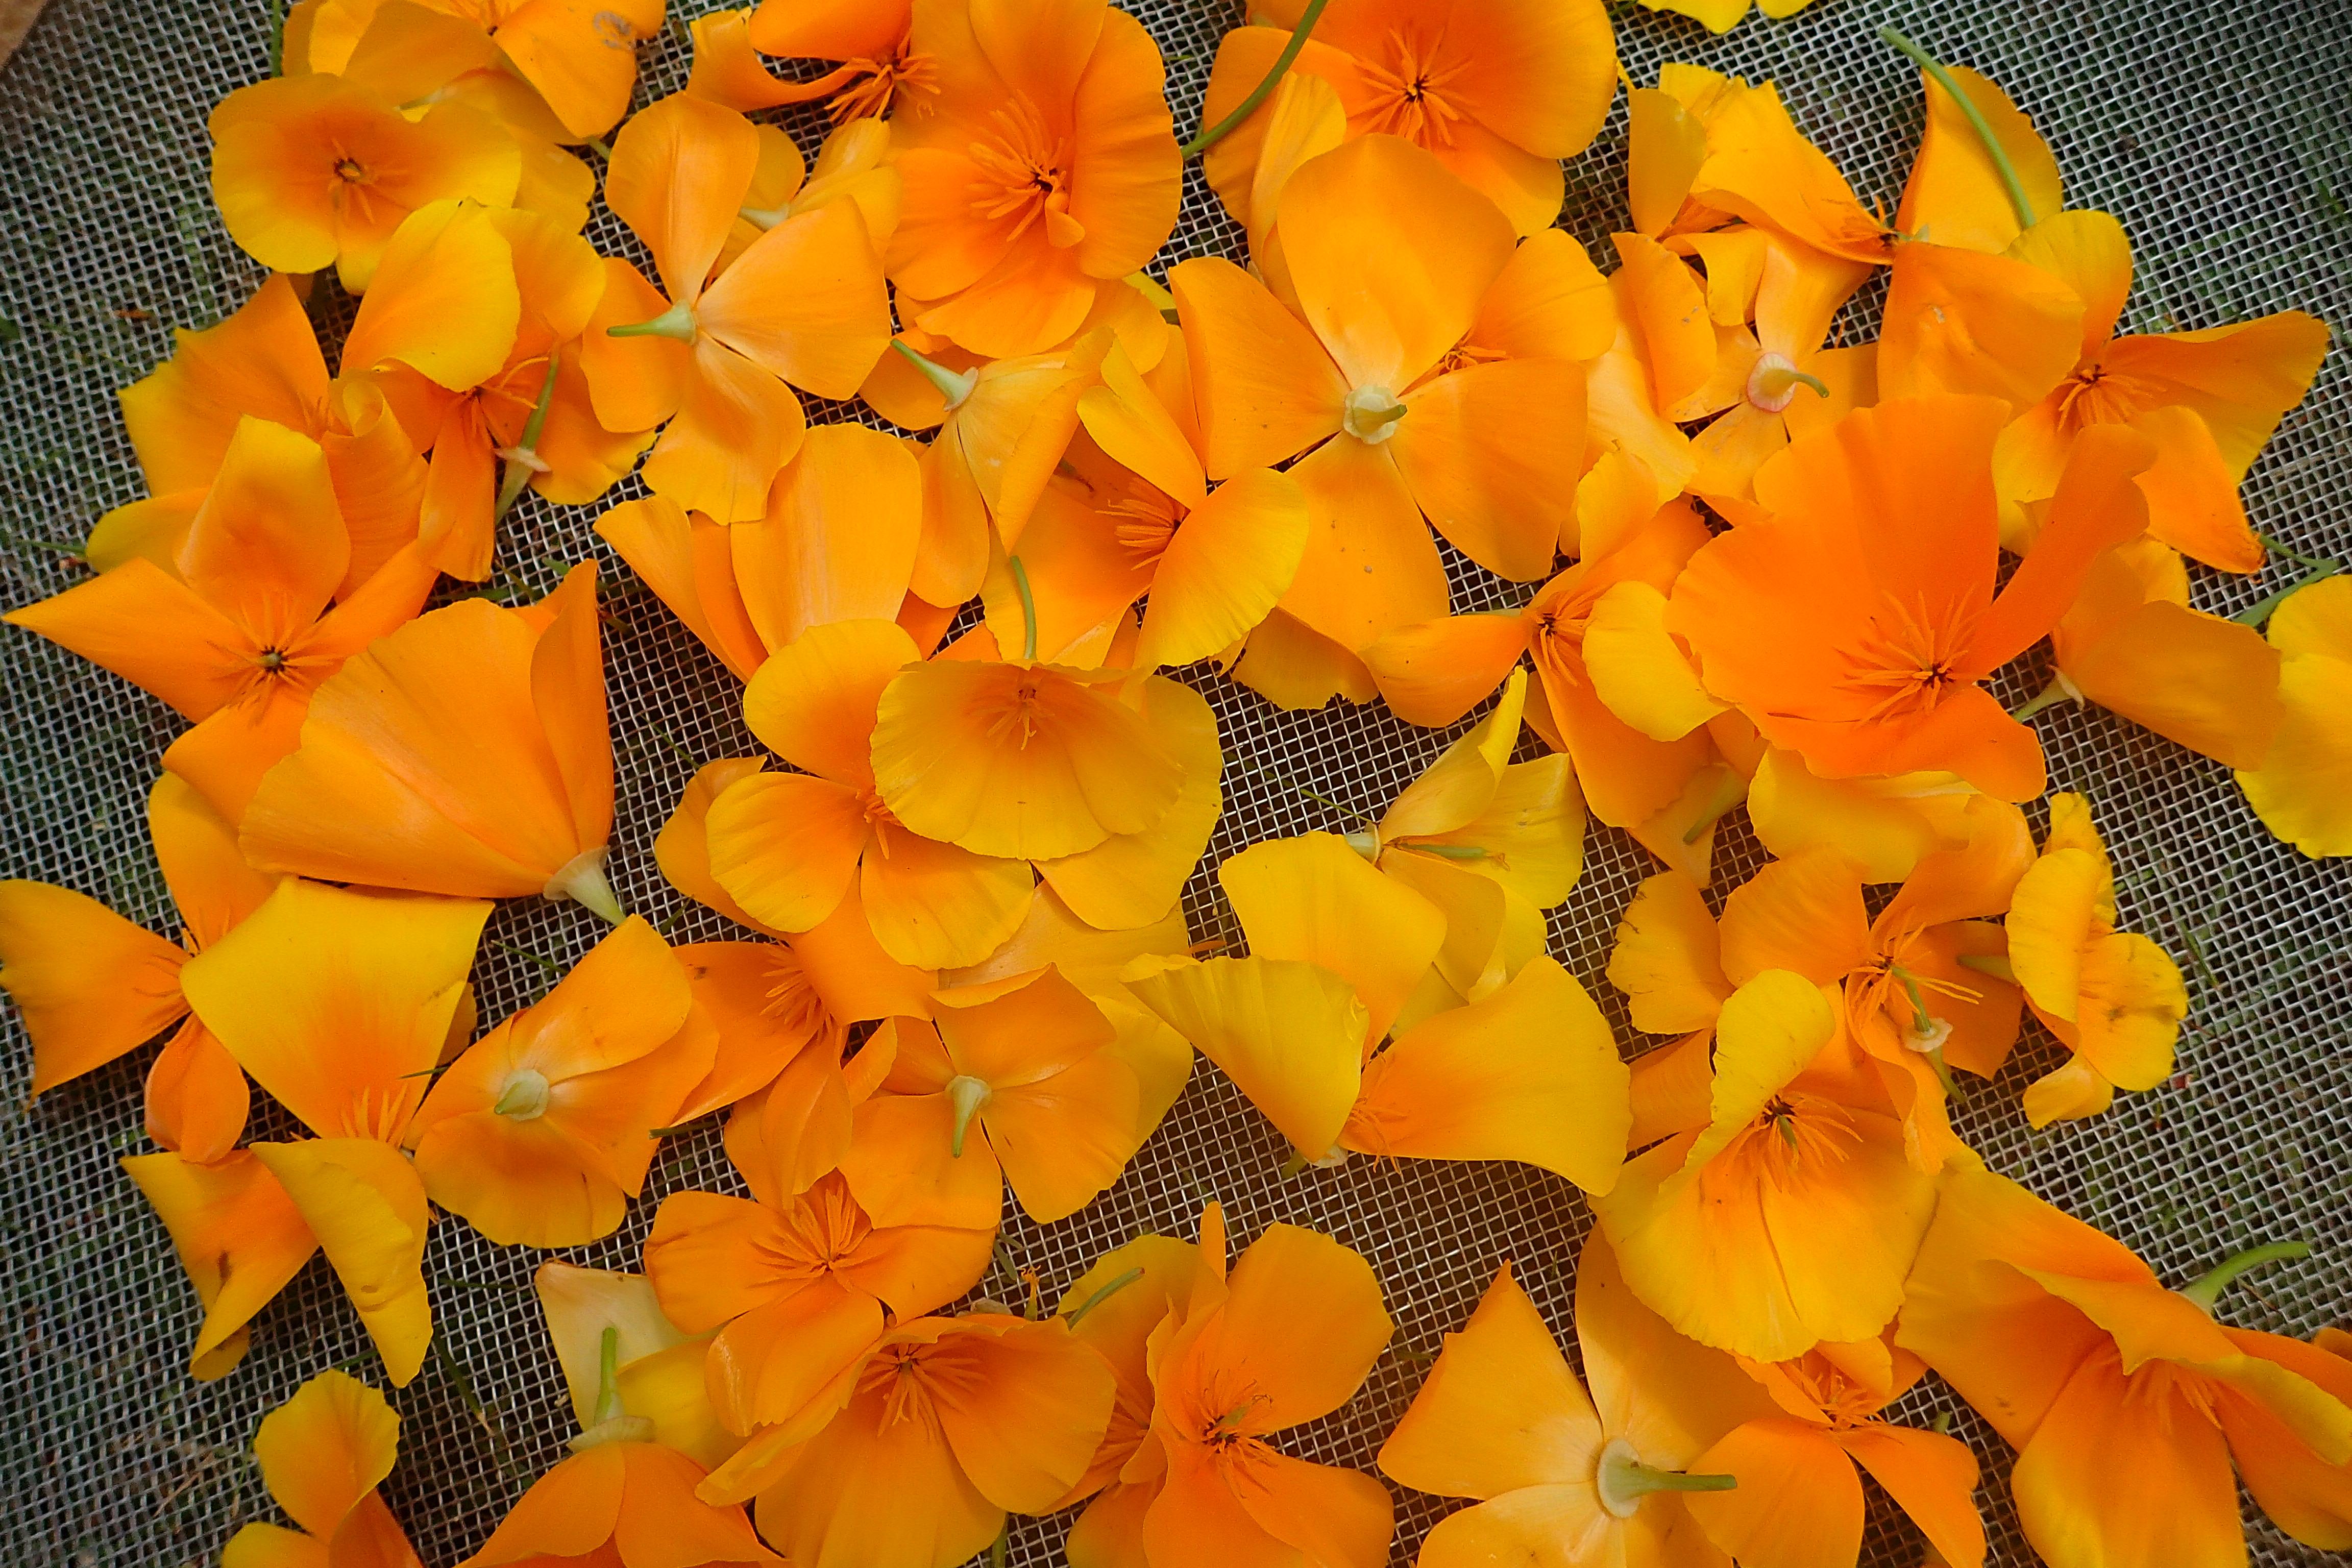 Eschscholzia californica, cueillette pour séchage